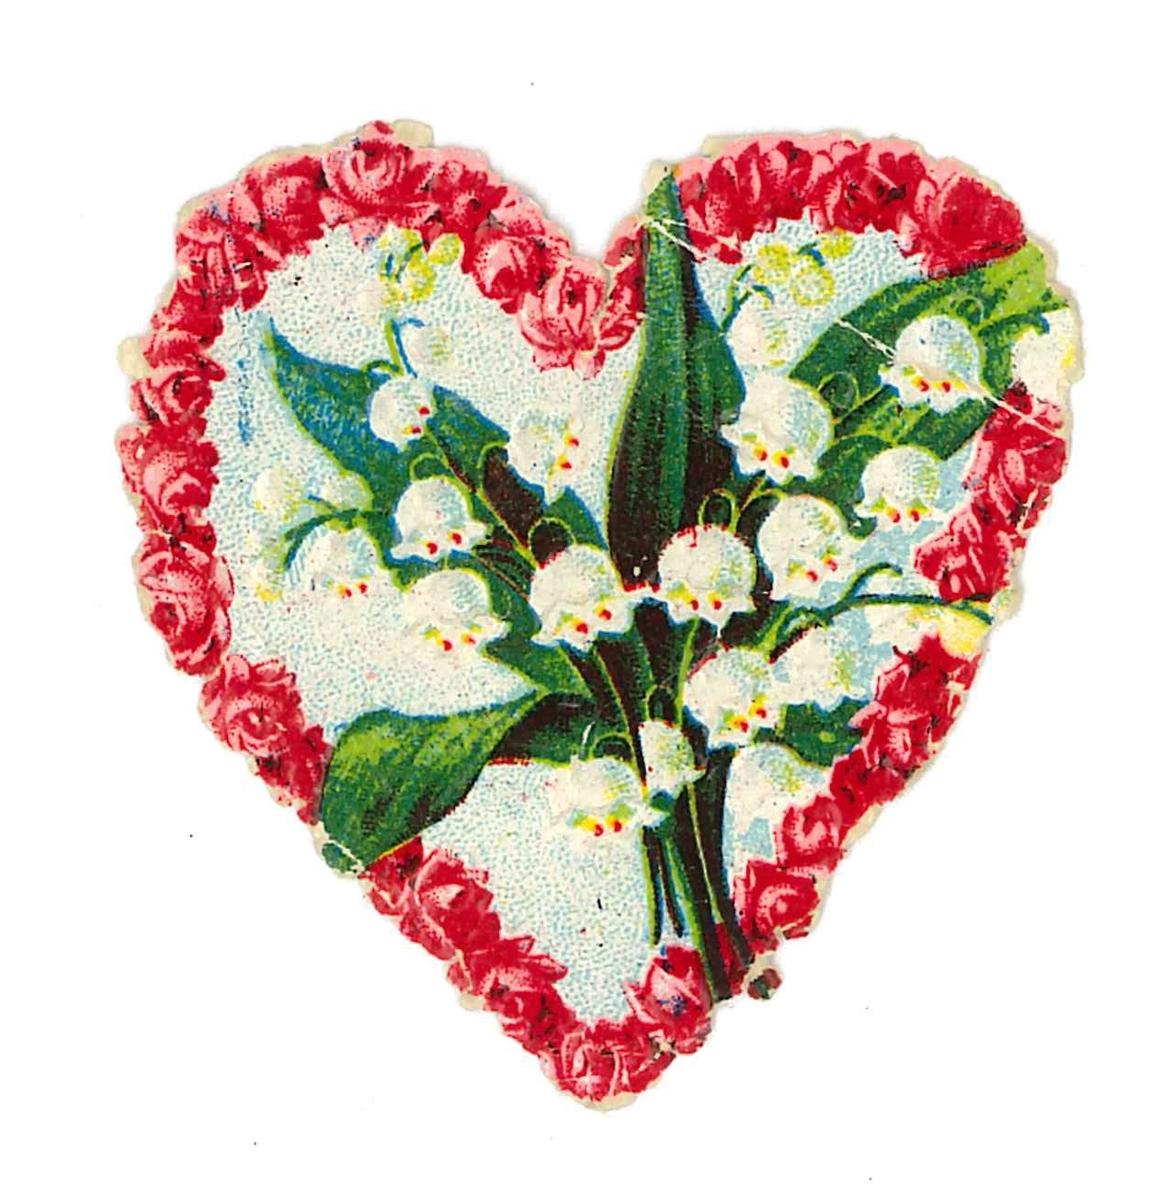 Bokmärke med röda blommor i en hjärtform. I hjärtat finns liljekonvaljer.  Ingår i en samling av 87 bokmärken. Motiven är främst blomstermotiv, religiösa motiv, tomtar samt barn i olika sysselsättningar. Storlekarna varierar mellan 1,3 x 1,6 cm -10,3 x 15,9 cm. Till bokmärkena hör ett kuvert med 47 hemmagjorda lotter samt ett utskuret stycke ur en välskrivningsbok från skolan.  Boken har blå pärm . Lotteriet och boken användes när skolflickorna bytte bokmärken med varandra. Några av bokmärkena ligger i en albylask av metall. Samtliga föremål ligger i en lilla papplåda med löst lock.  Lådans mått är L. 18,5 cm. B. 12 cm. H. 2,5 cm. Samtliga föremål är märkta med VM 21 406.